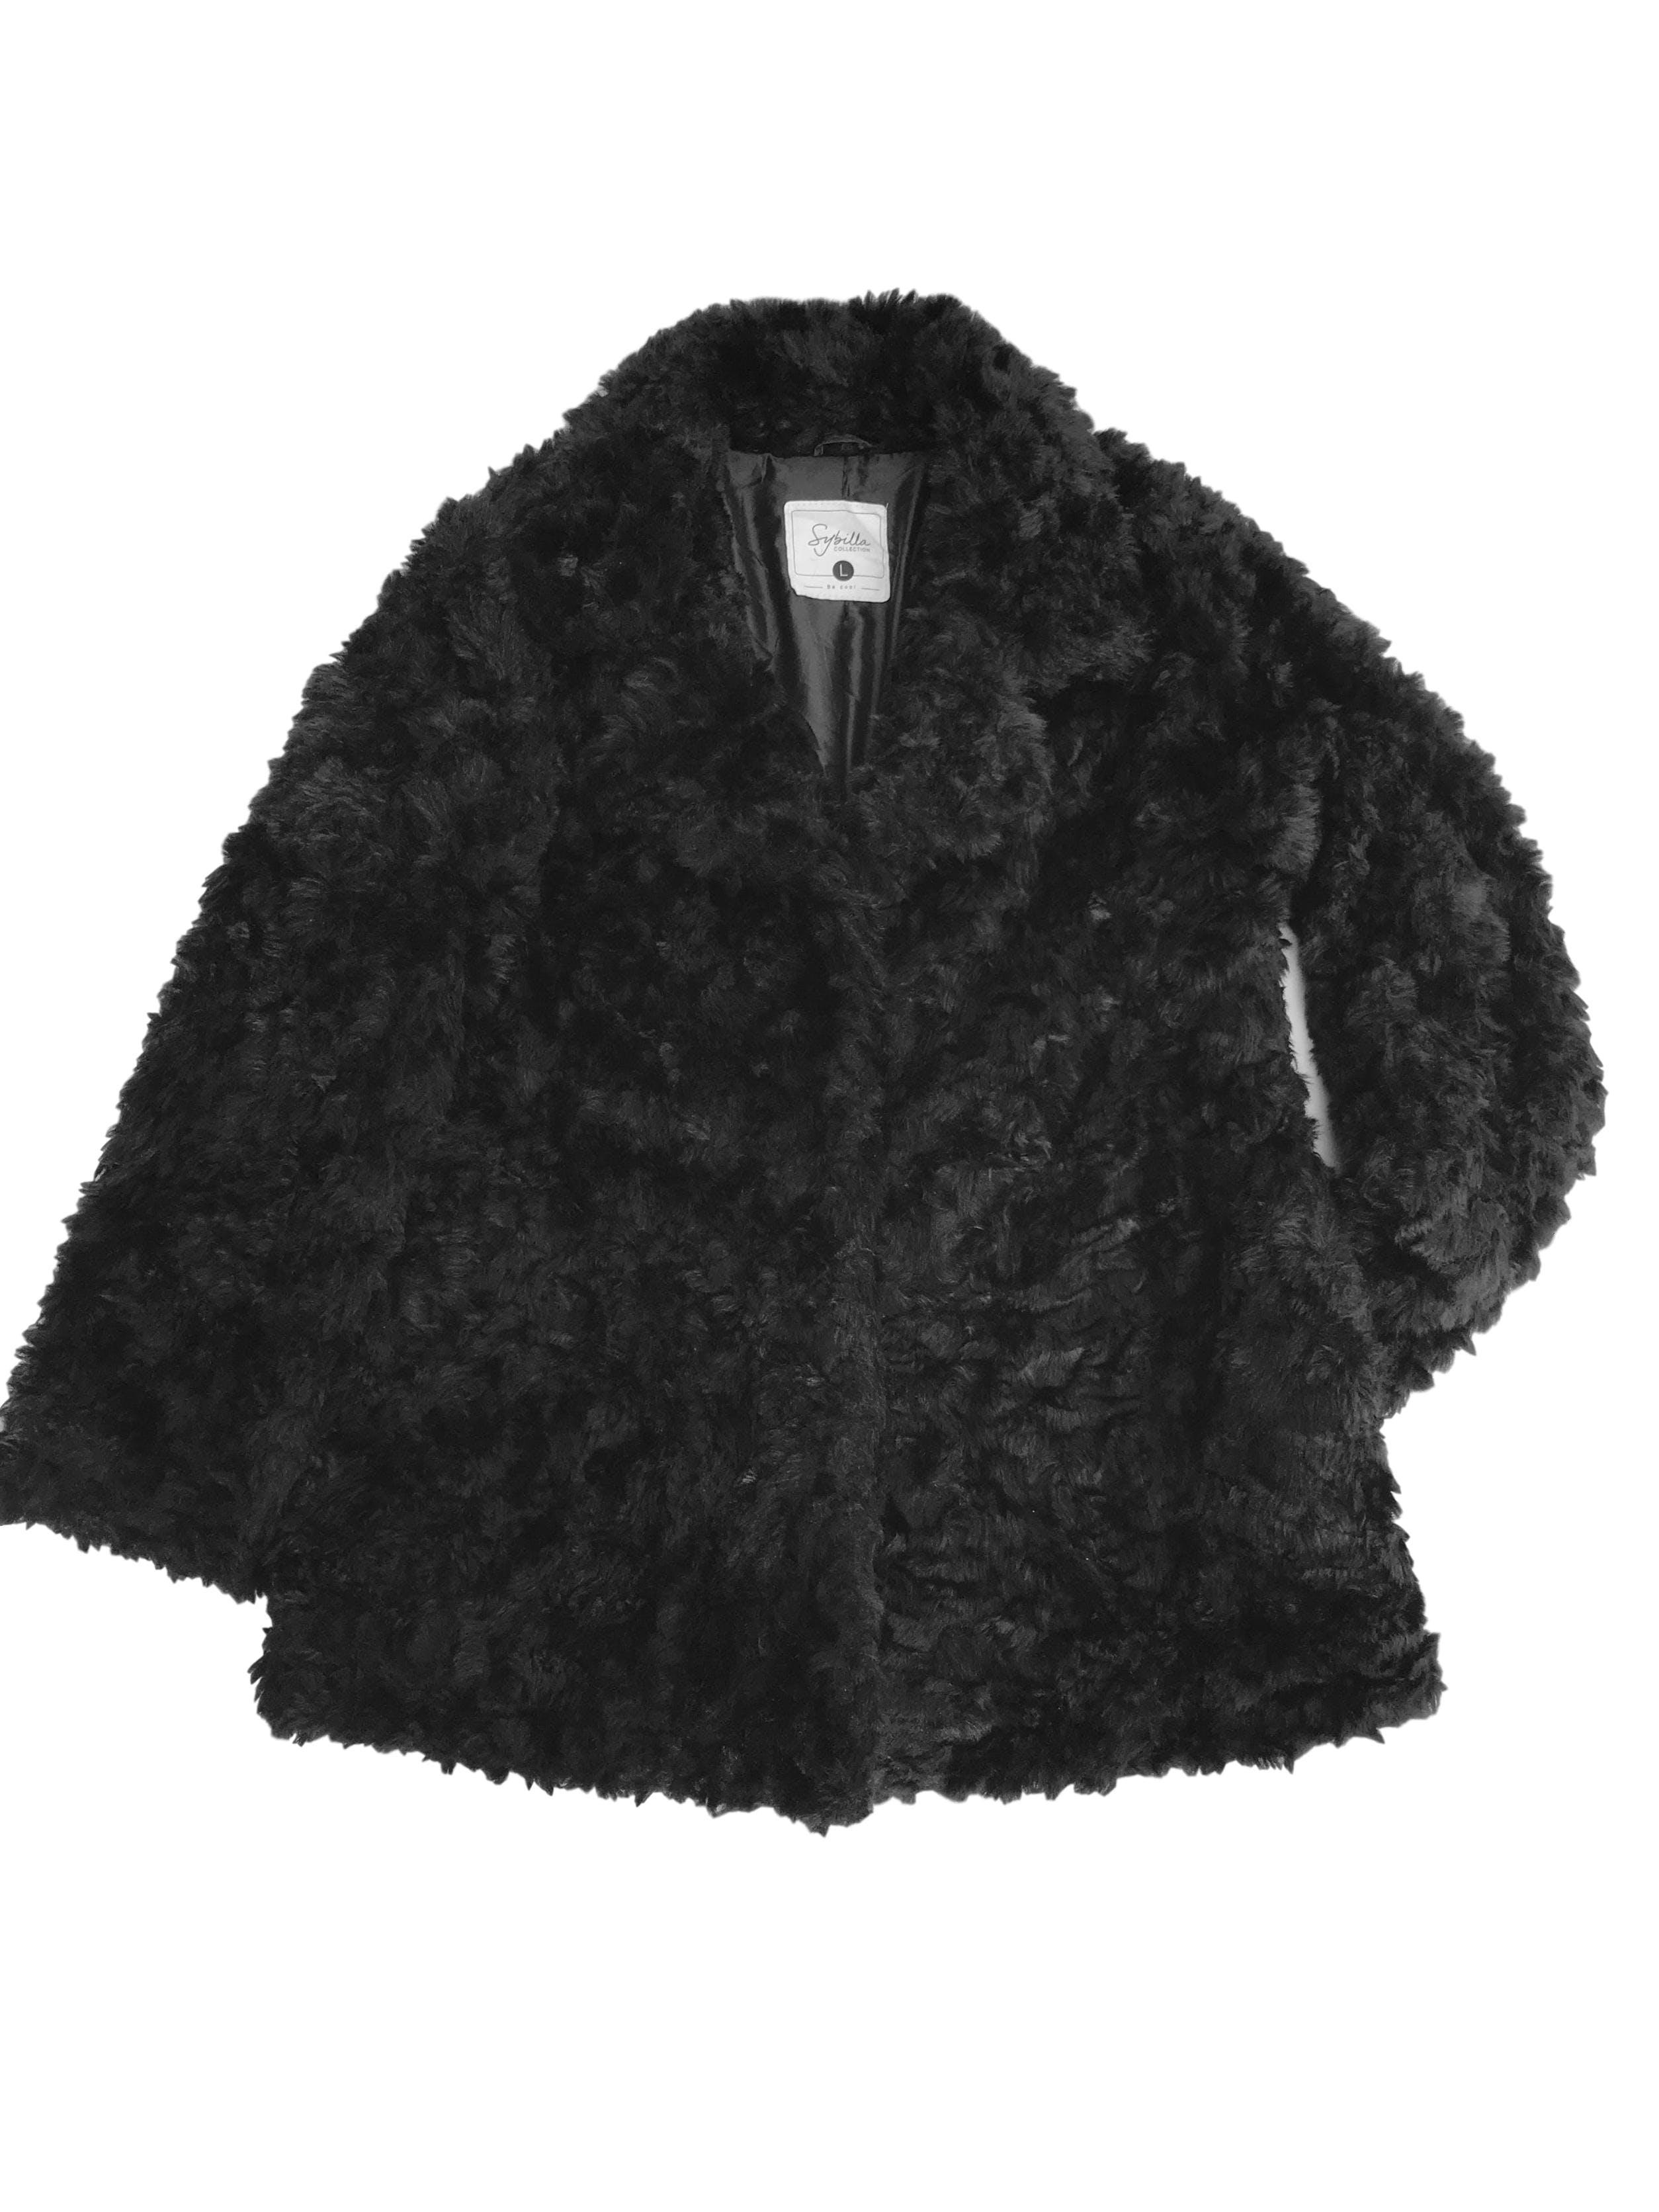 Abrigo de peluche negro, forrado, con bolsillos laterales y cierra con 3 broches. Largo bajo la cadera. Precio original S/ 200